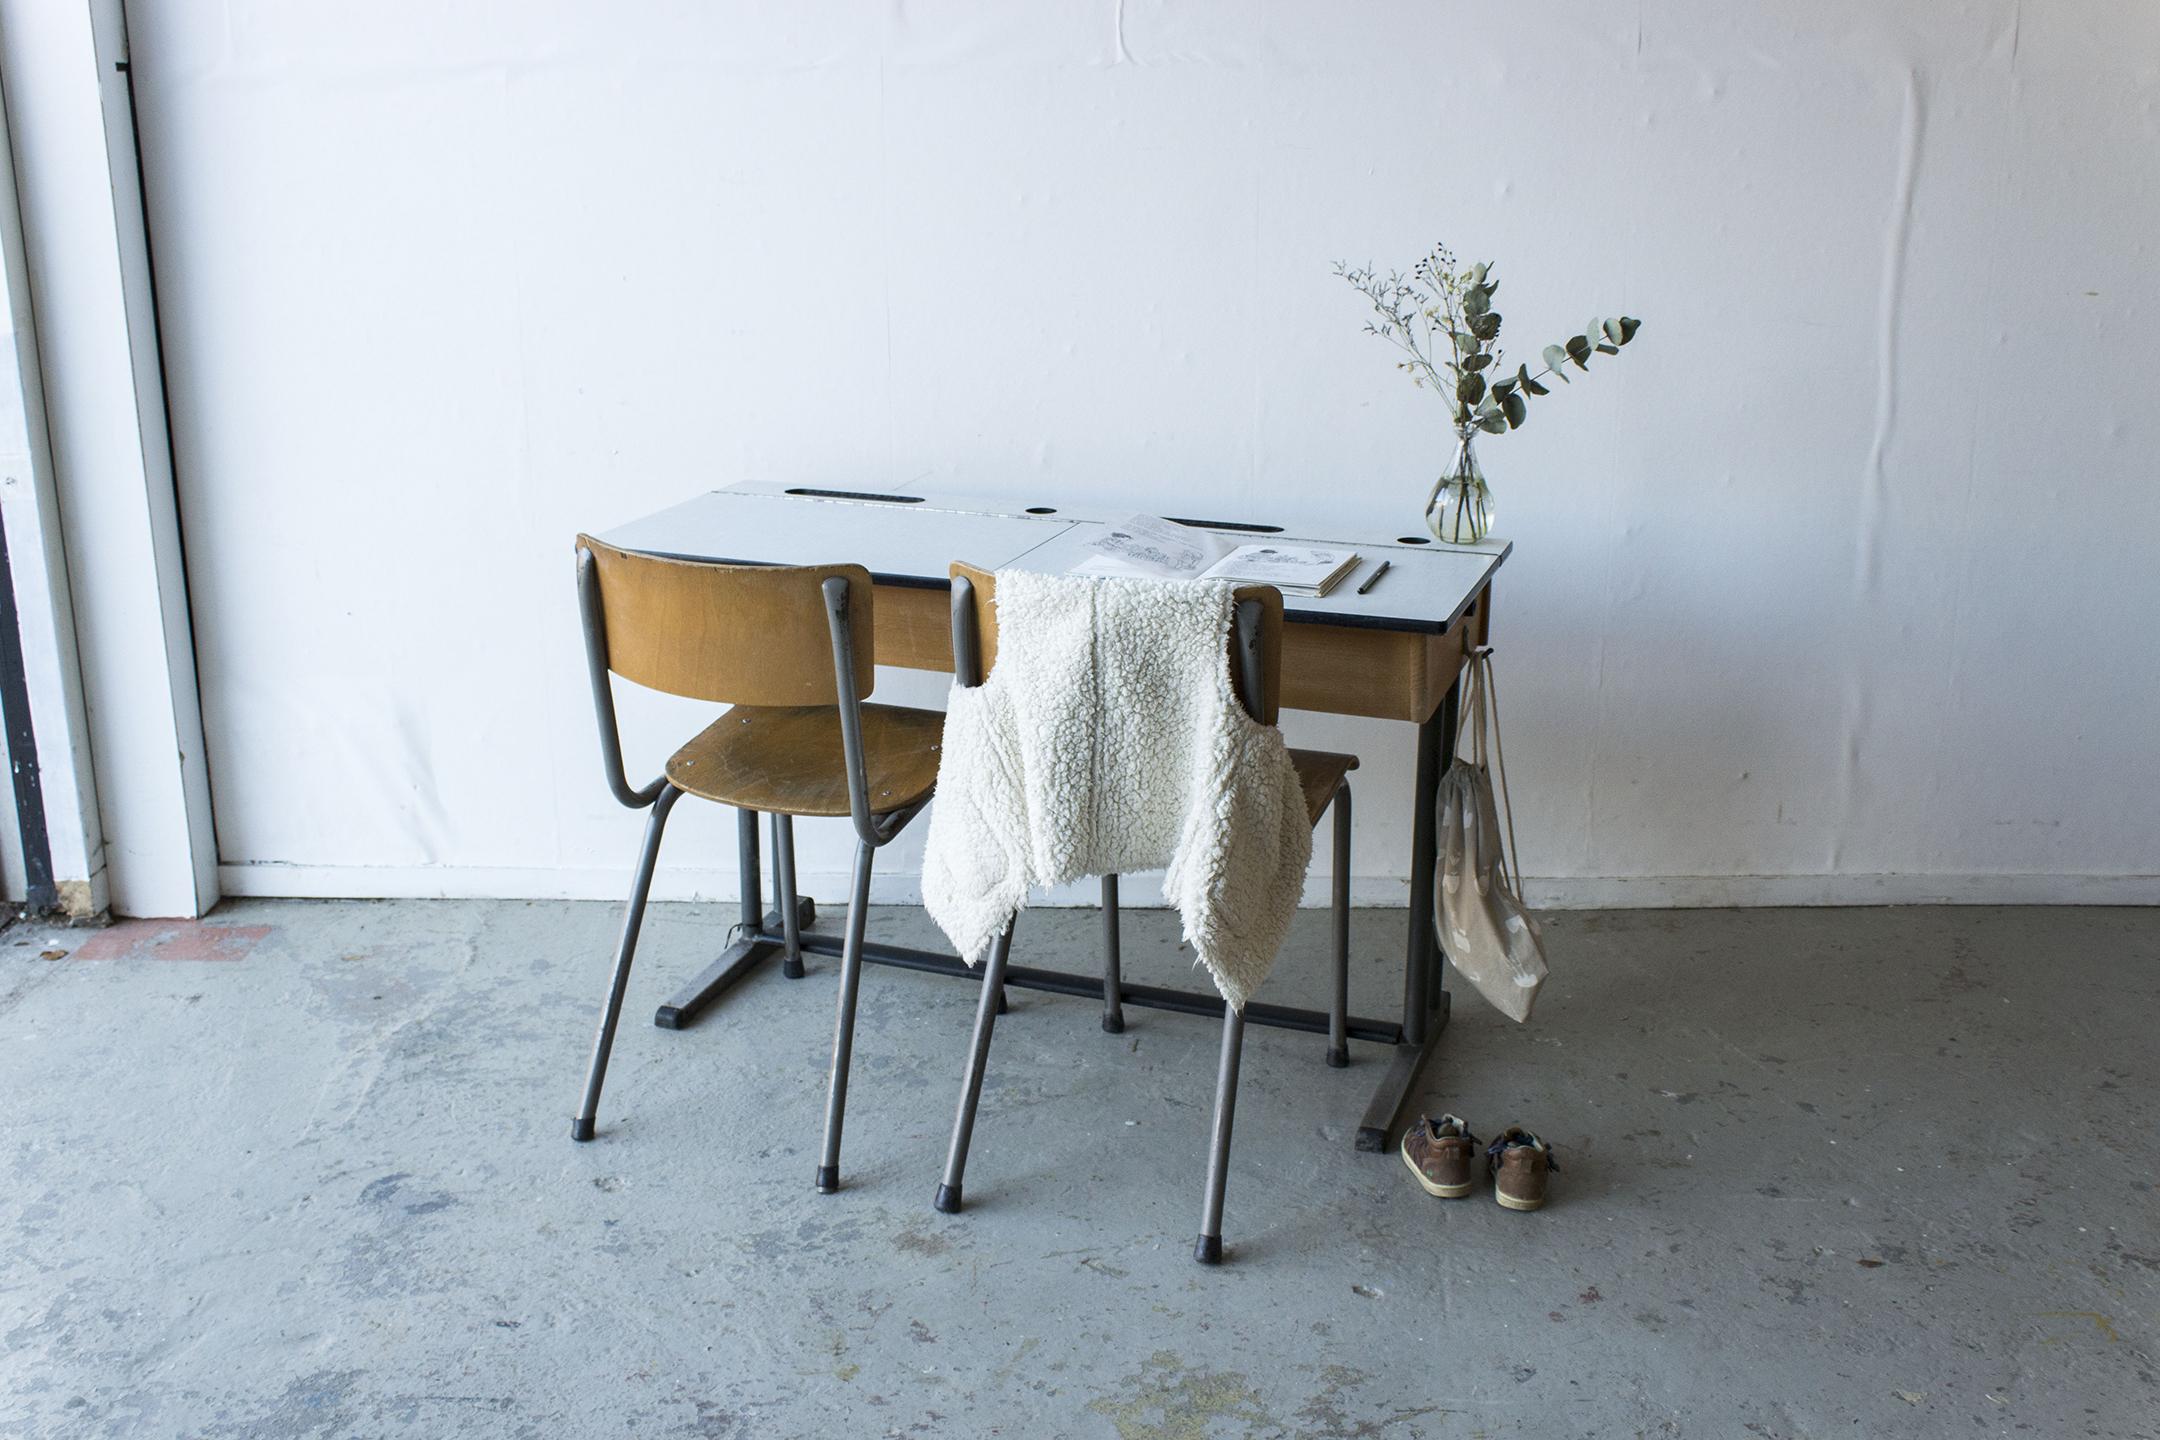 3163 - vintgate schooltafel met kleppen - Firma zoethout.jpg